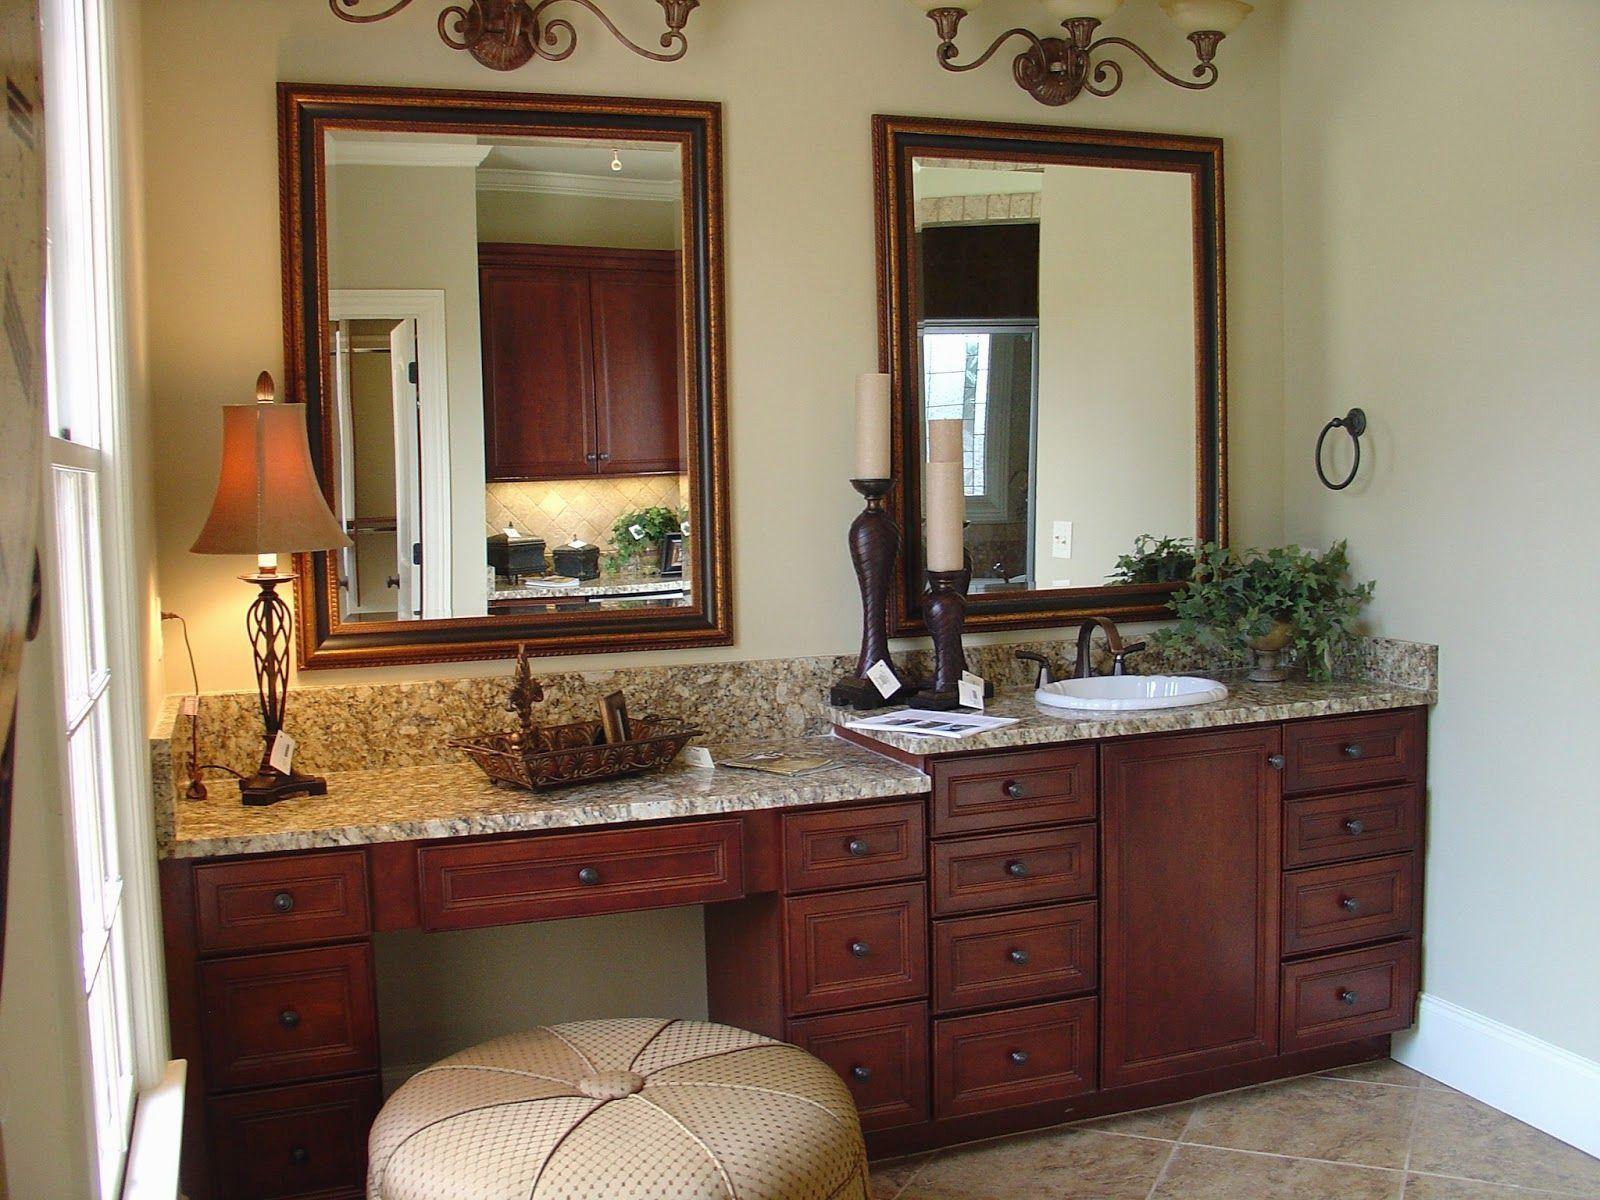 21 Elegant Master Bathroom Vanity With Makeup Area In 2020 Master Bathroom Vanity Bathroom Sink Vanity Bathroom With Makeup Vanity